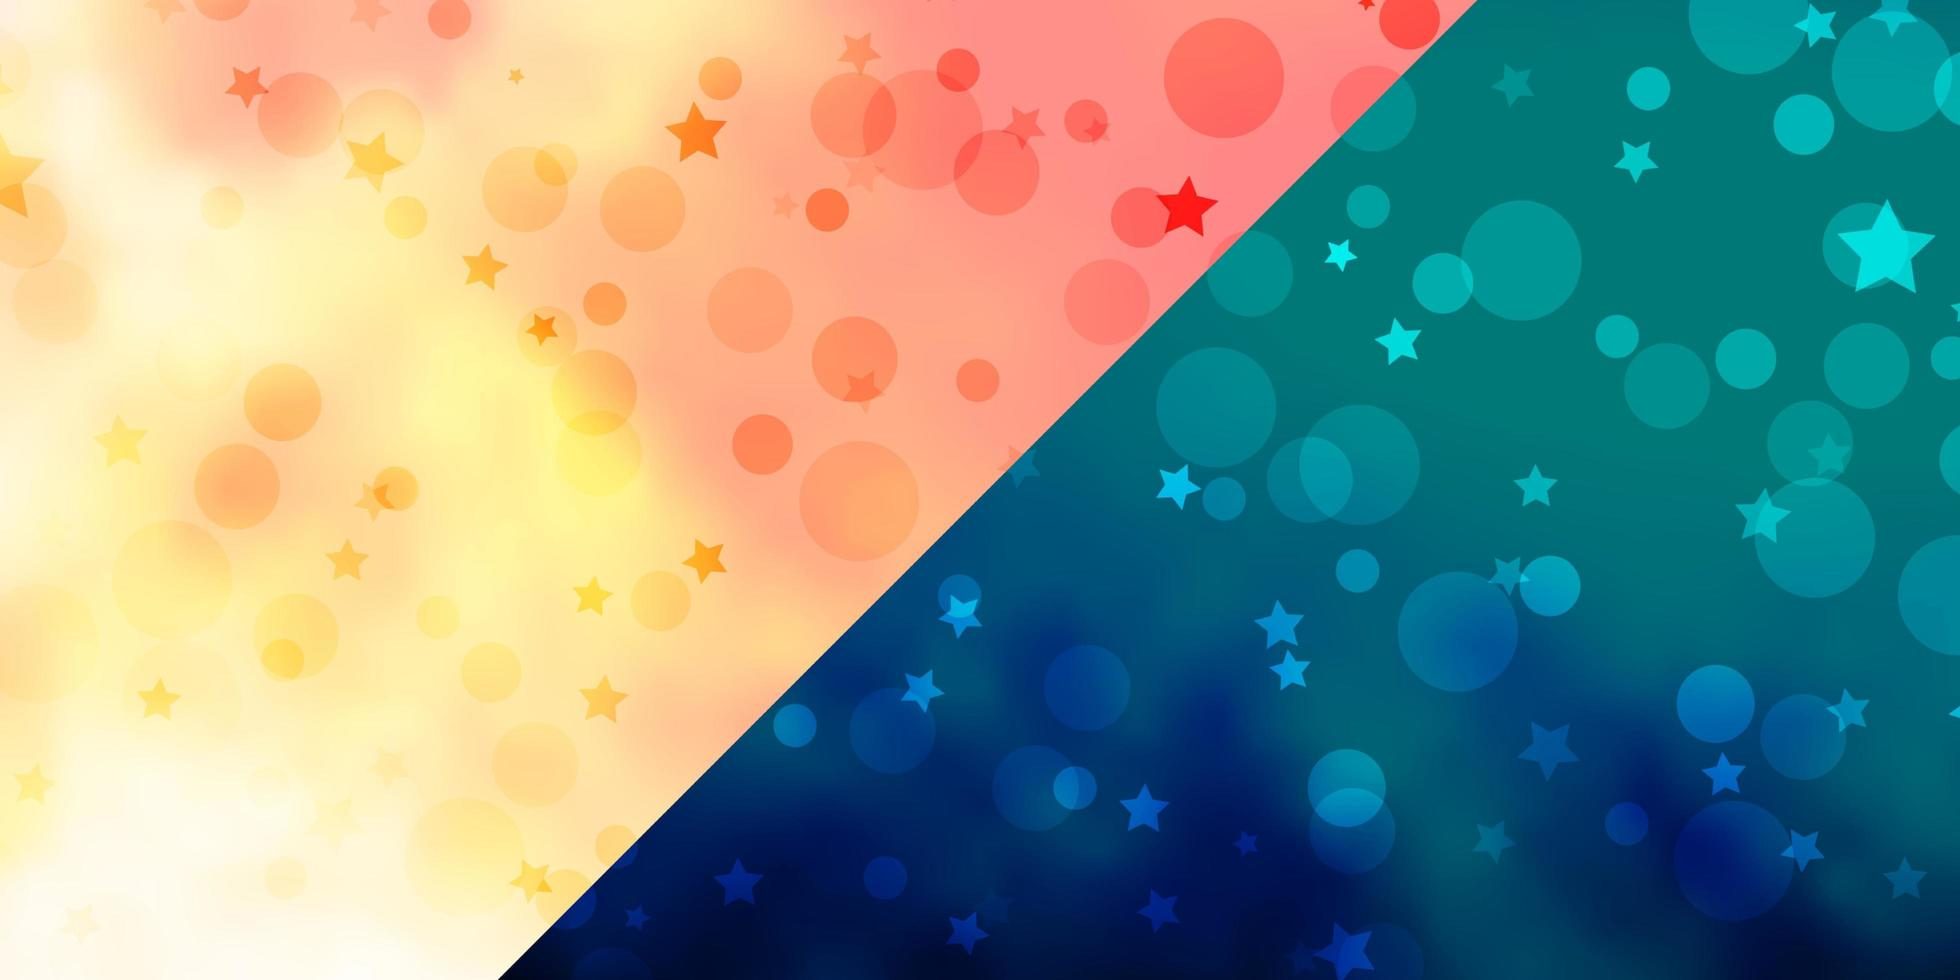 vector achtergrond met cirkels, sterren.